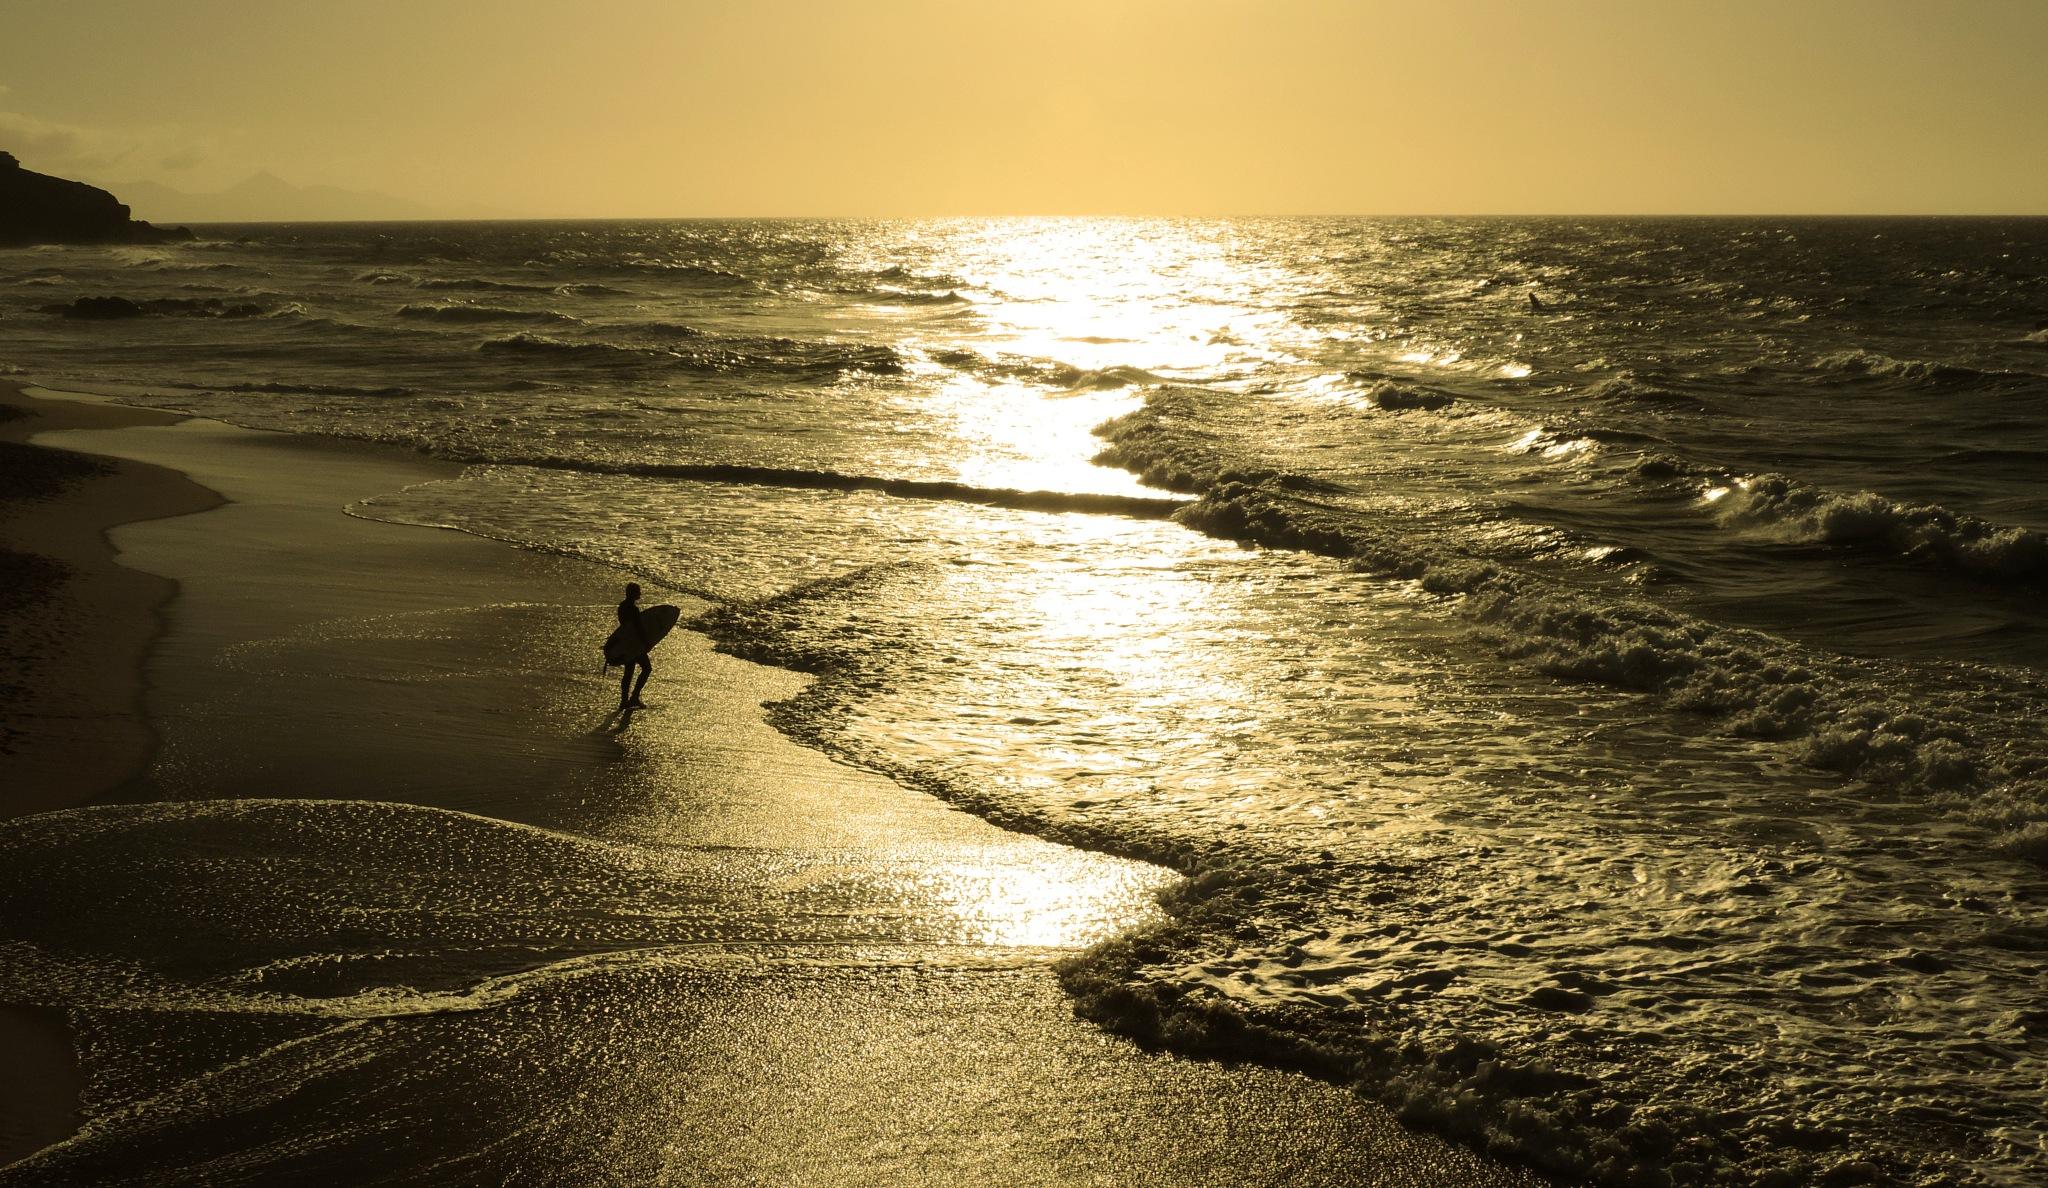 Surfing by Sandra Caliandro